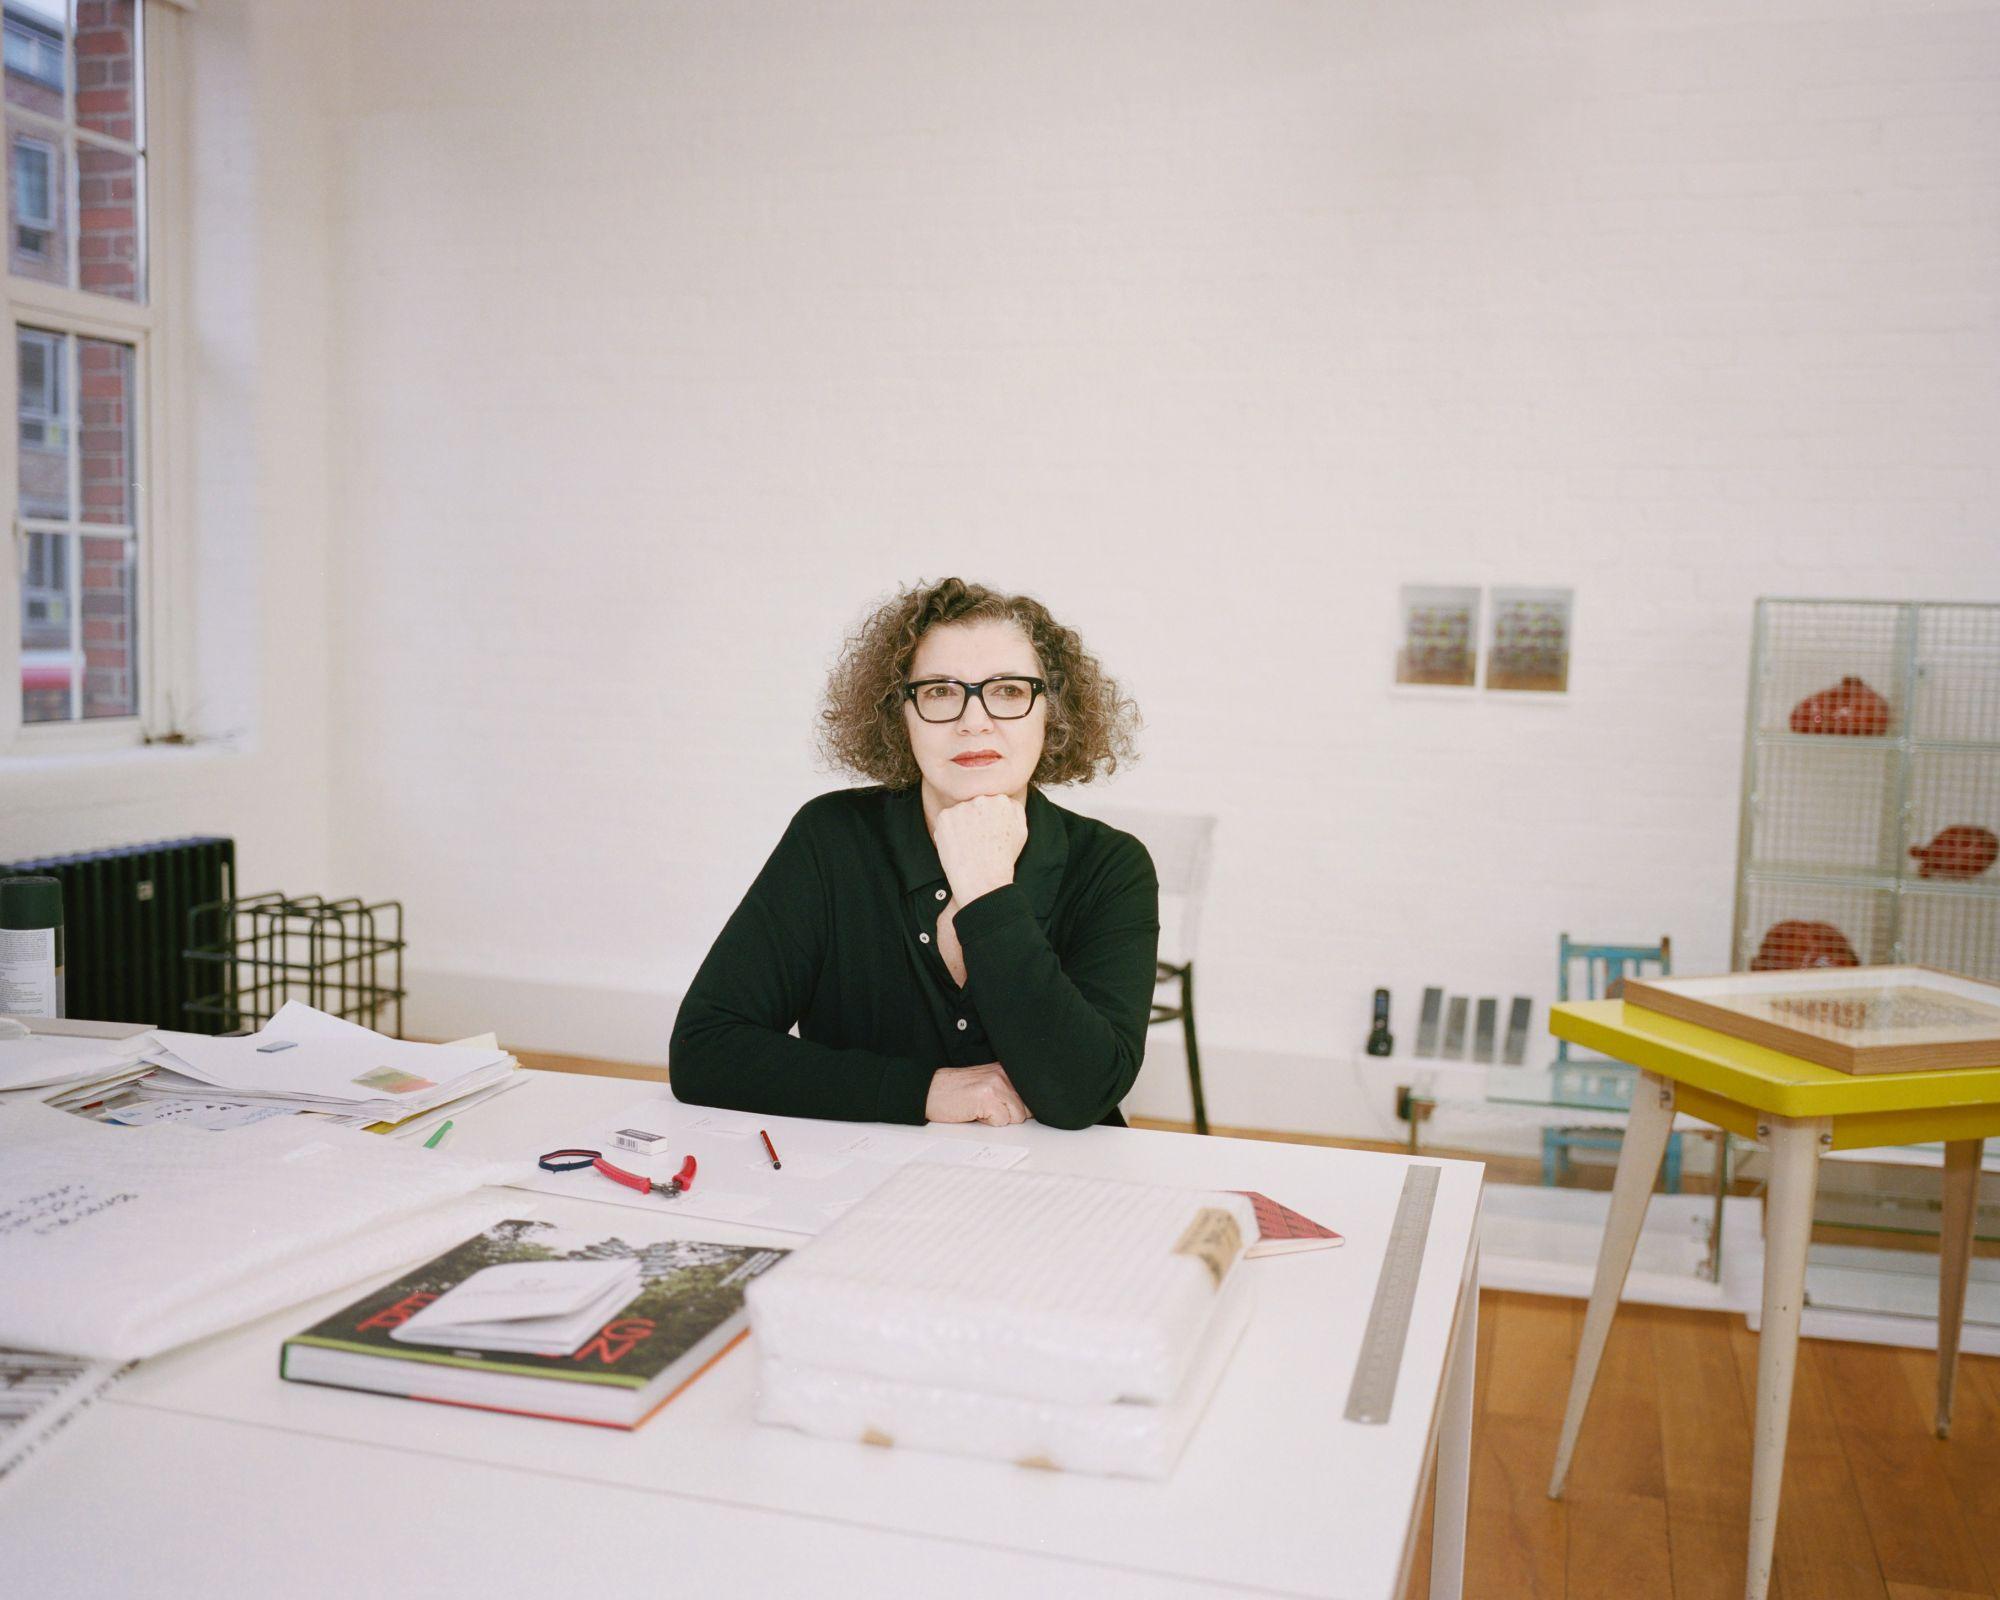 藝術家Mona Hatoum:這世界愈來愈躁動瘋狂